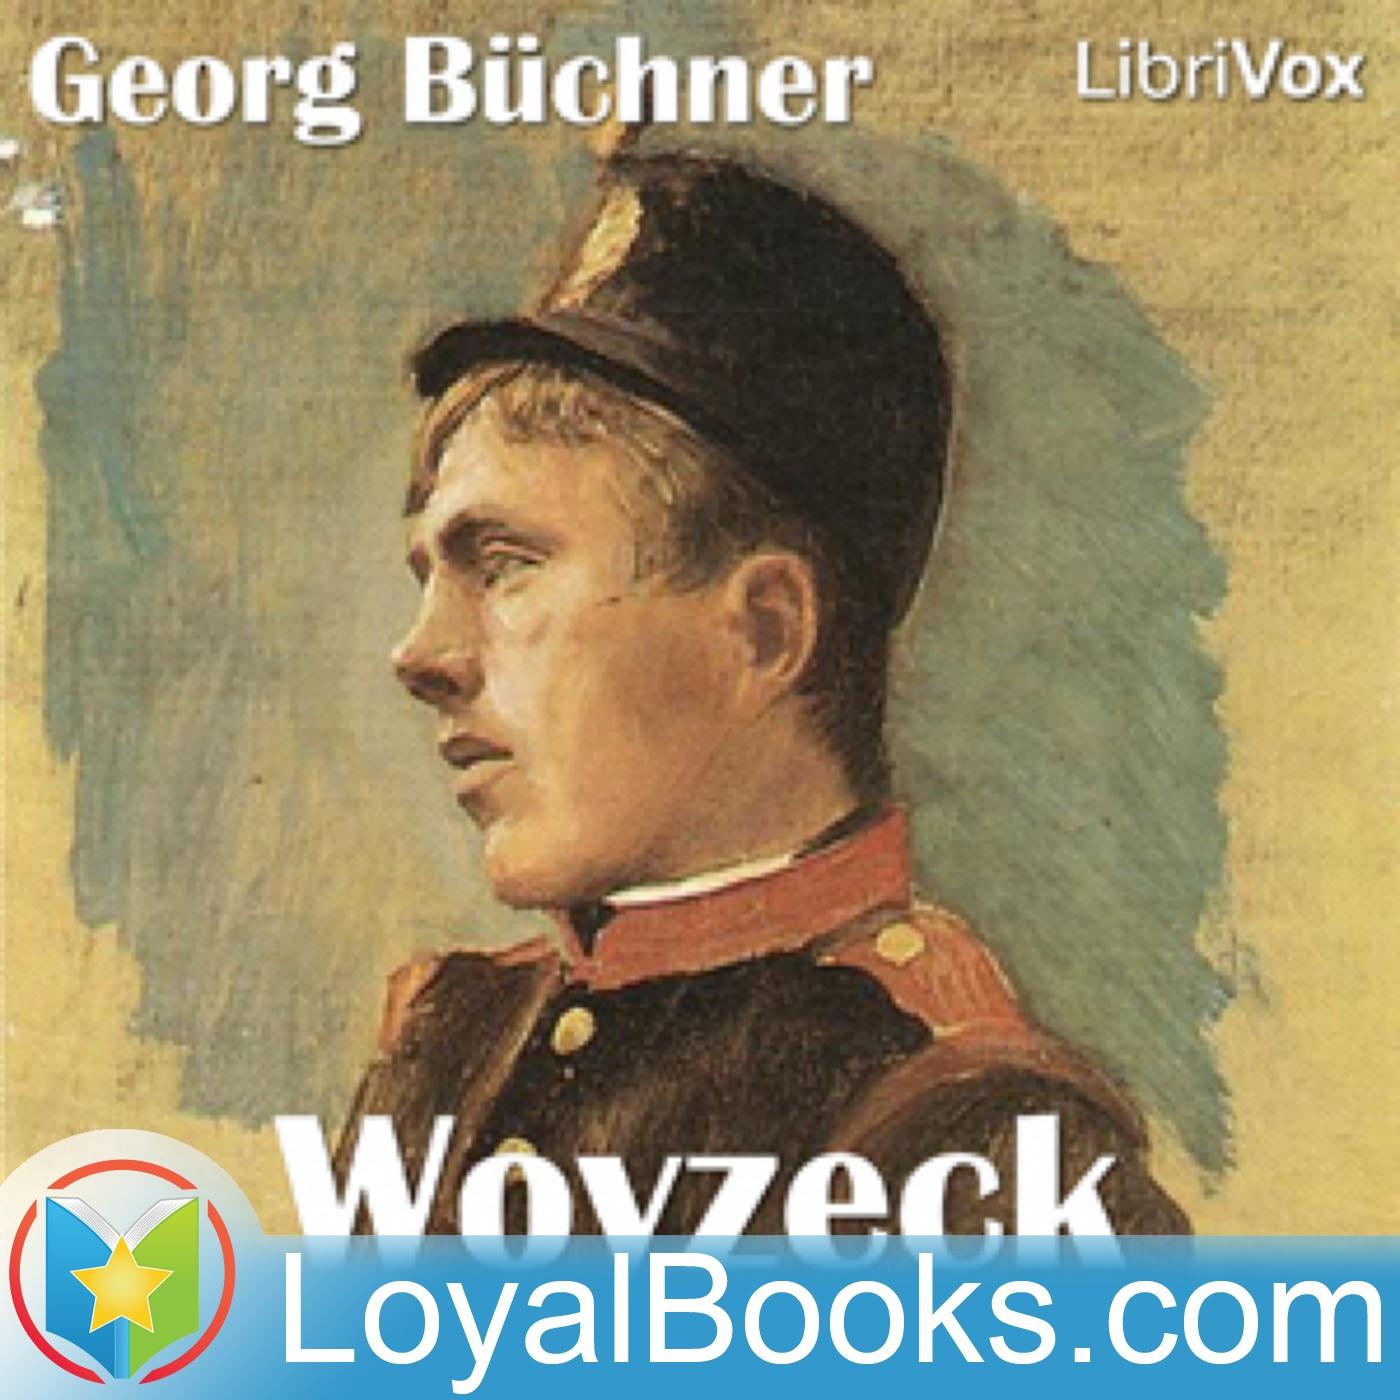 <![CDATA[Woyzeck by Georg Büchner]]>